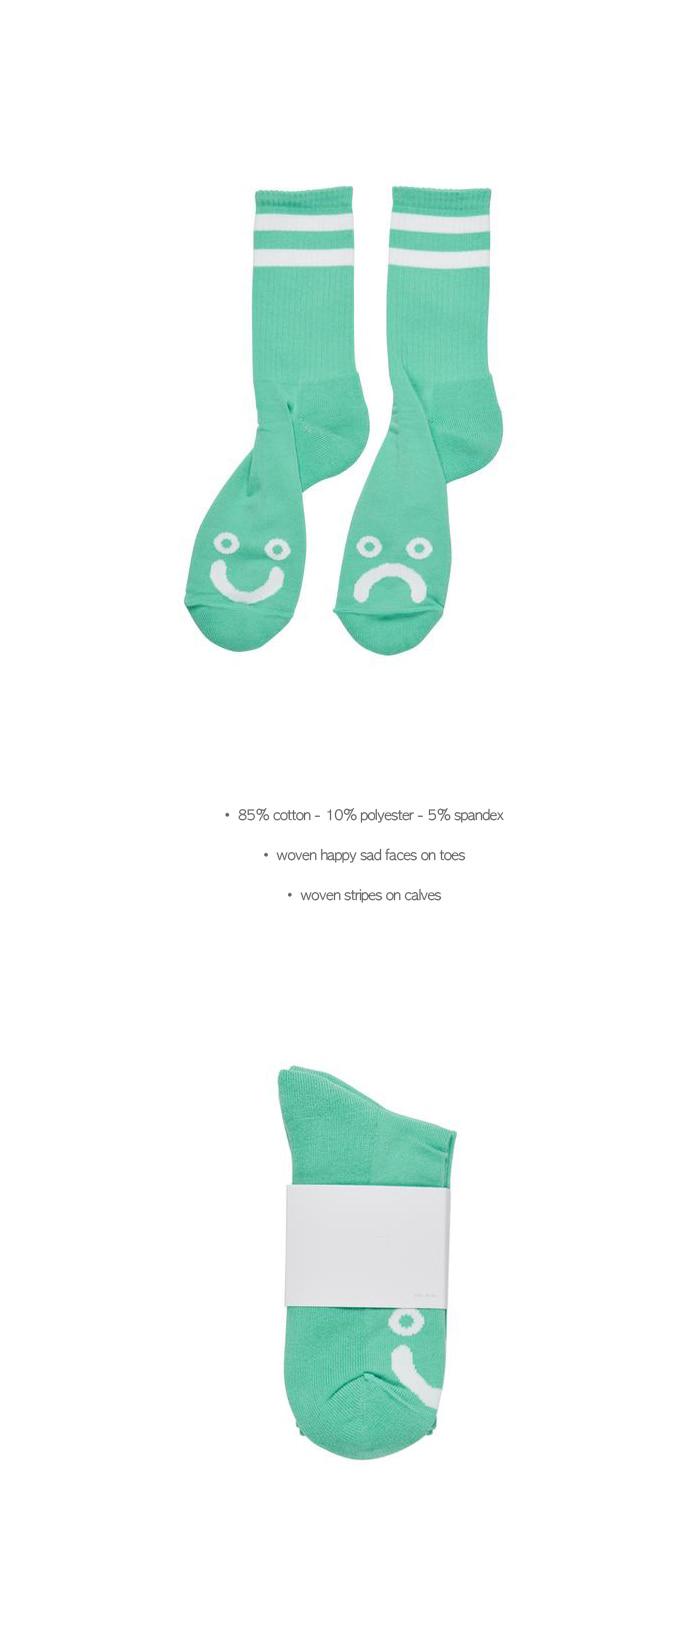 폴라(POLAR) Happy Sad Socks - Mint